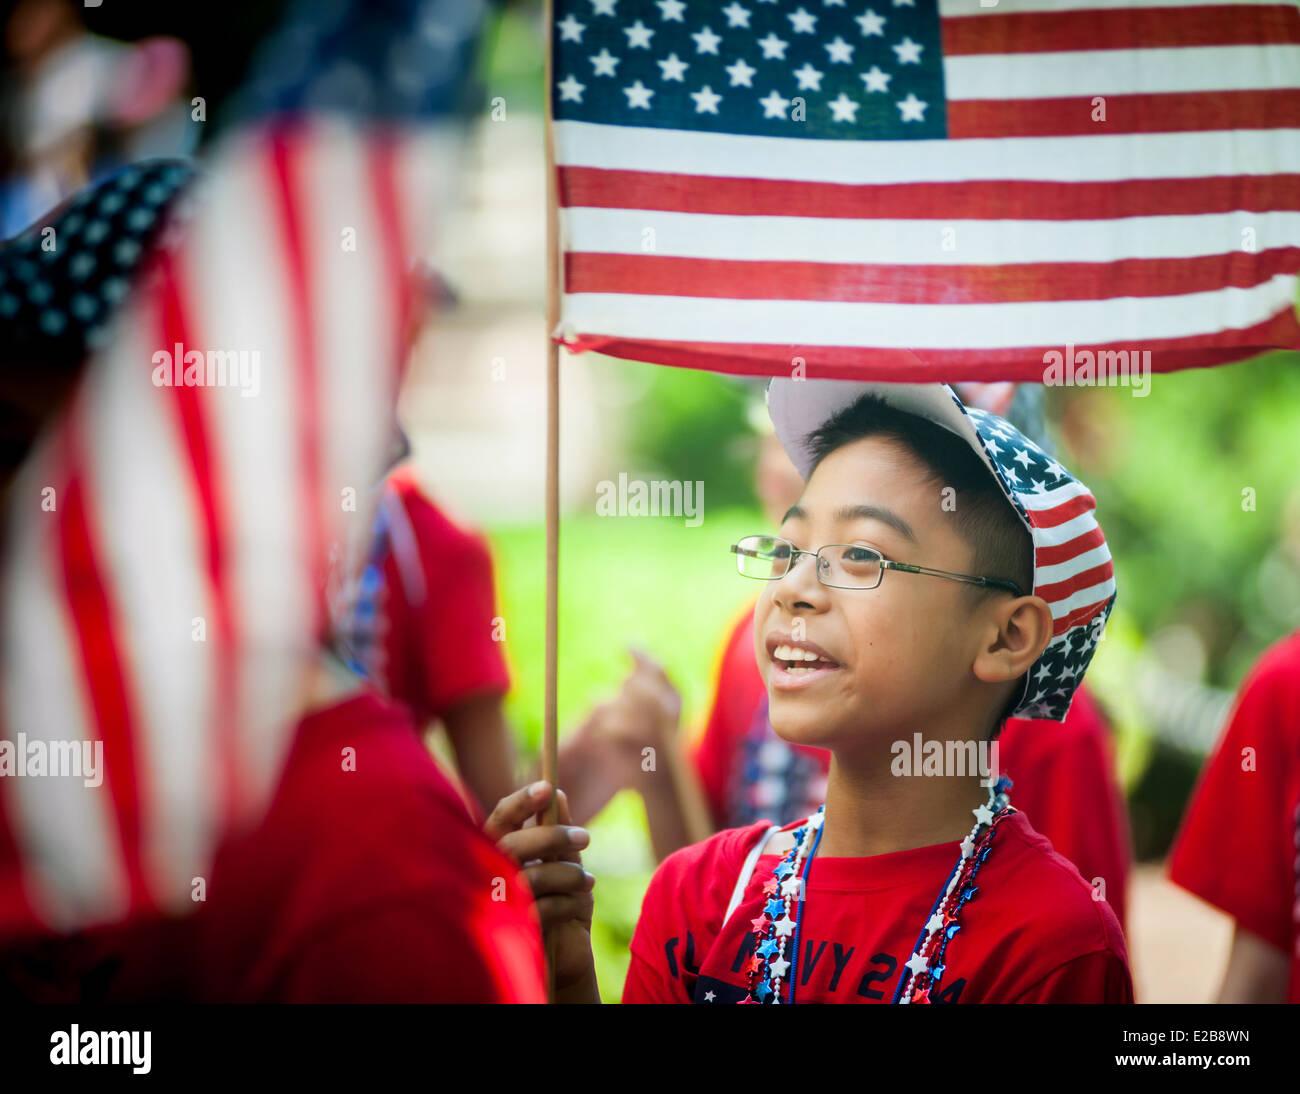 Bandiera annuale parata del giorno a partire da New York City Hall Park. Immagini Stock